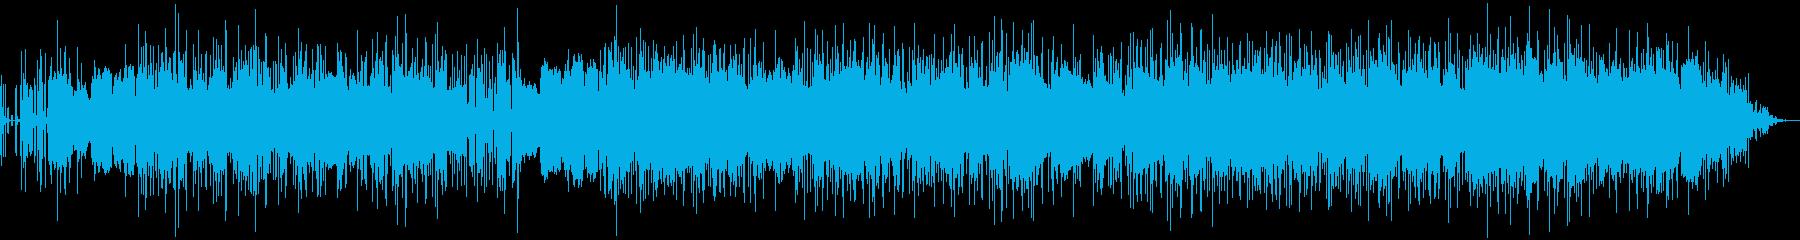 アンビエント サスペンス 技術的な...の再生済みの波形